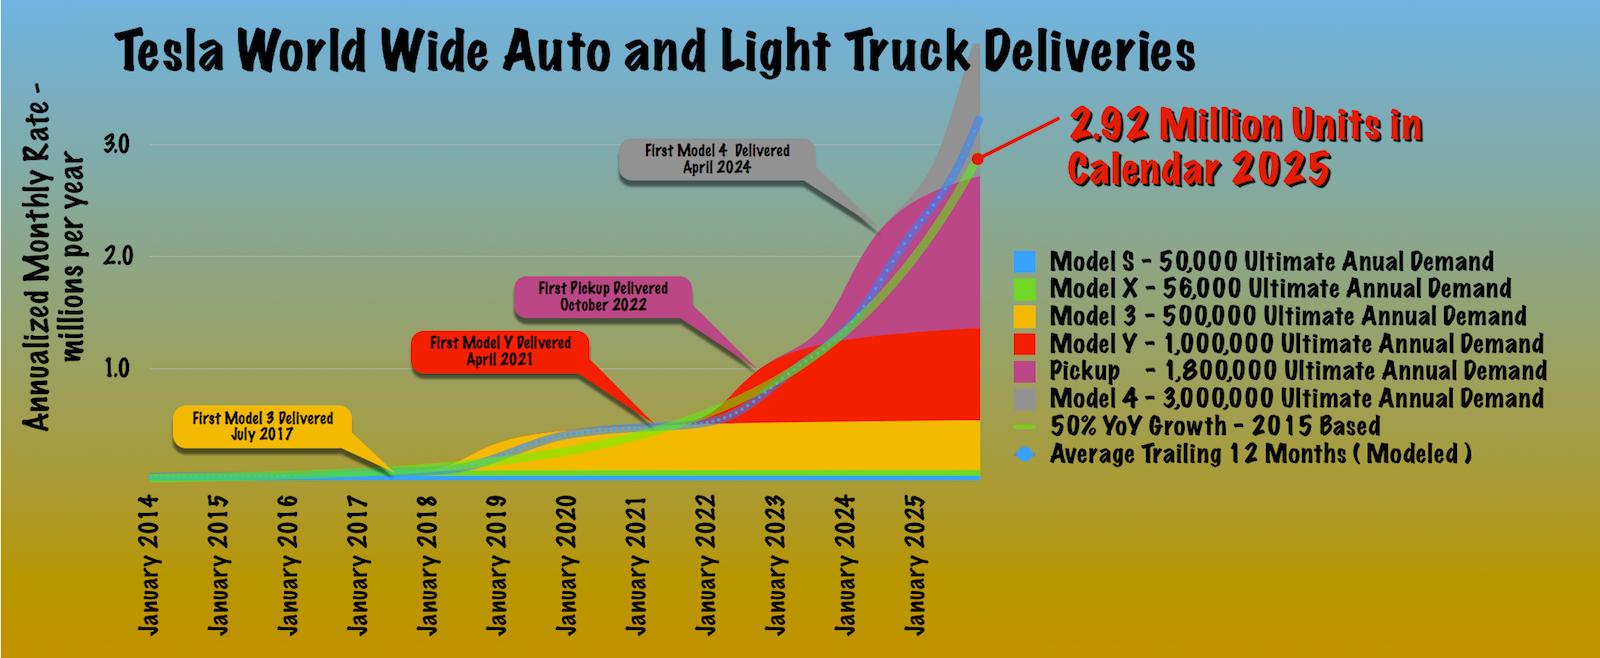 Tesla Needs More Customers! - Tesla, Inc  (NASDAQ:TSLA